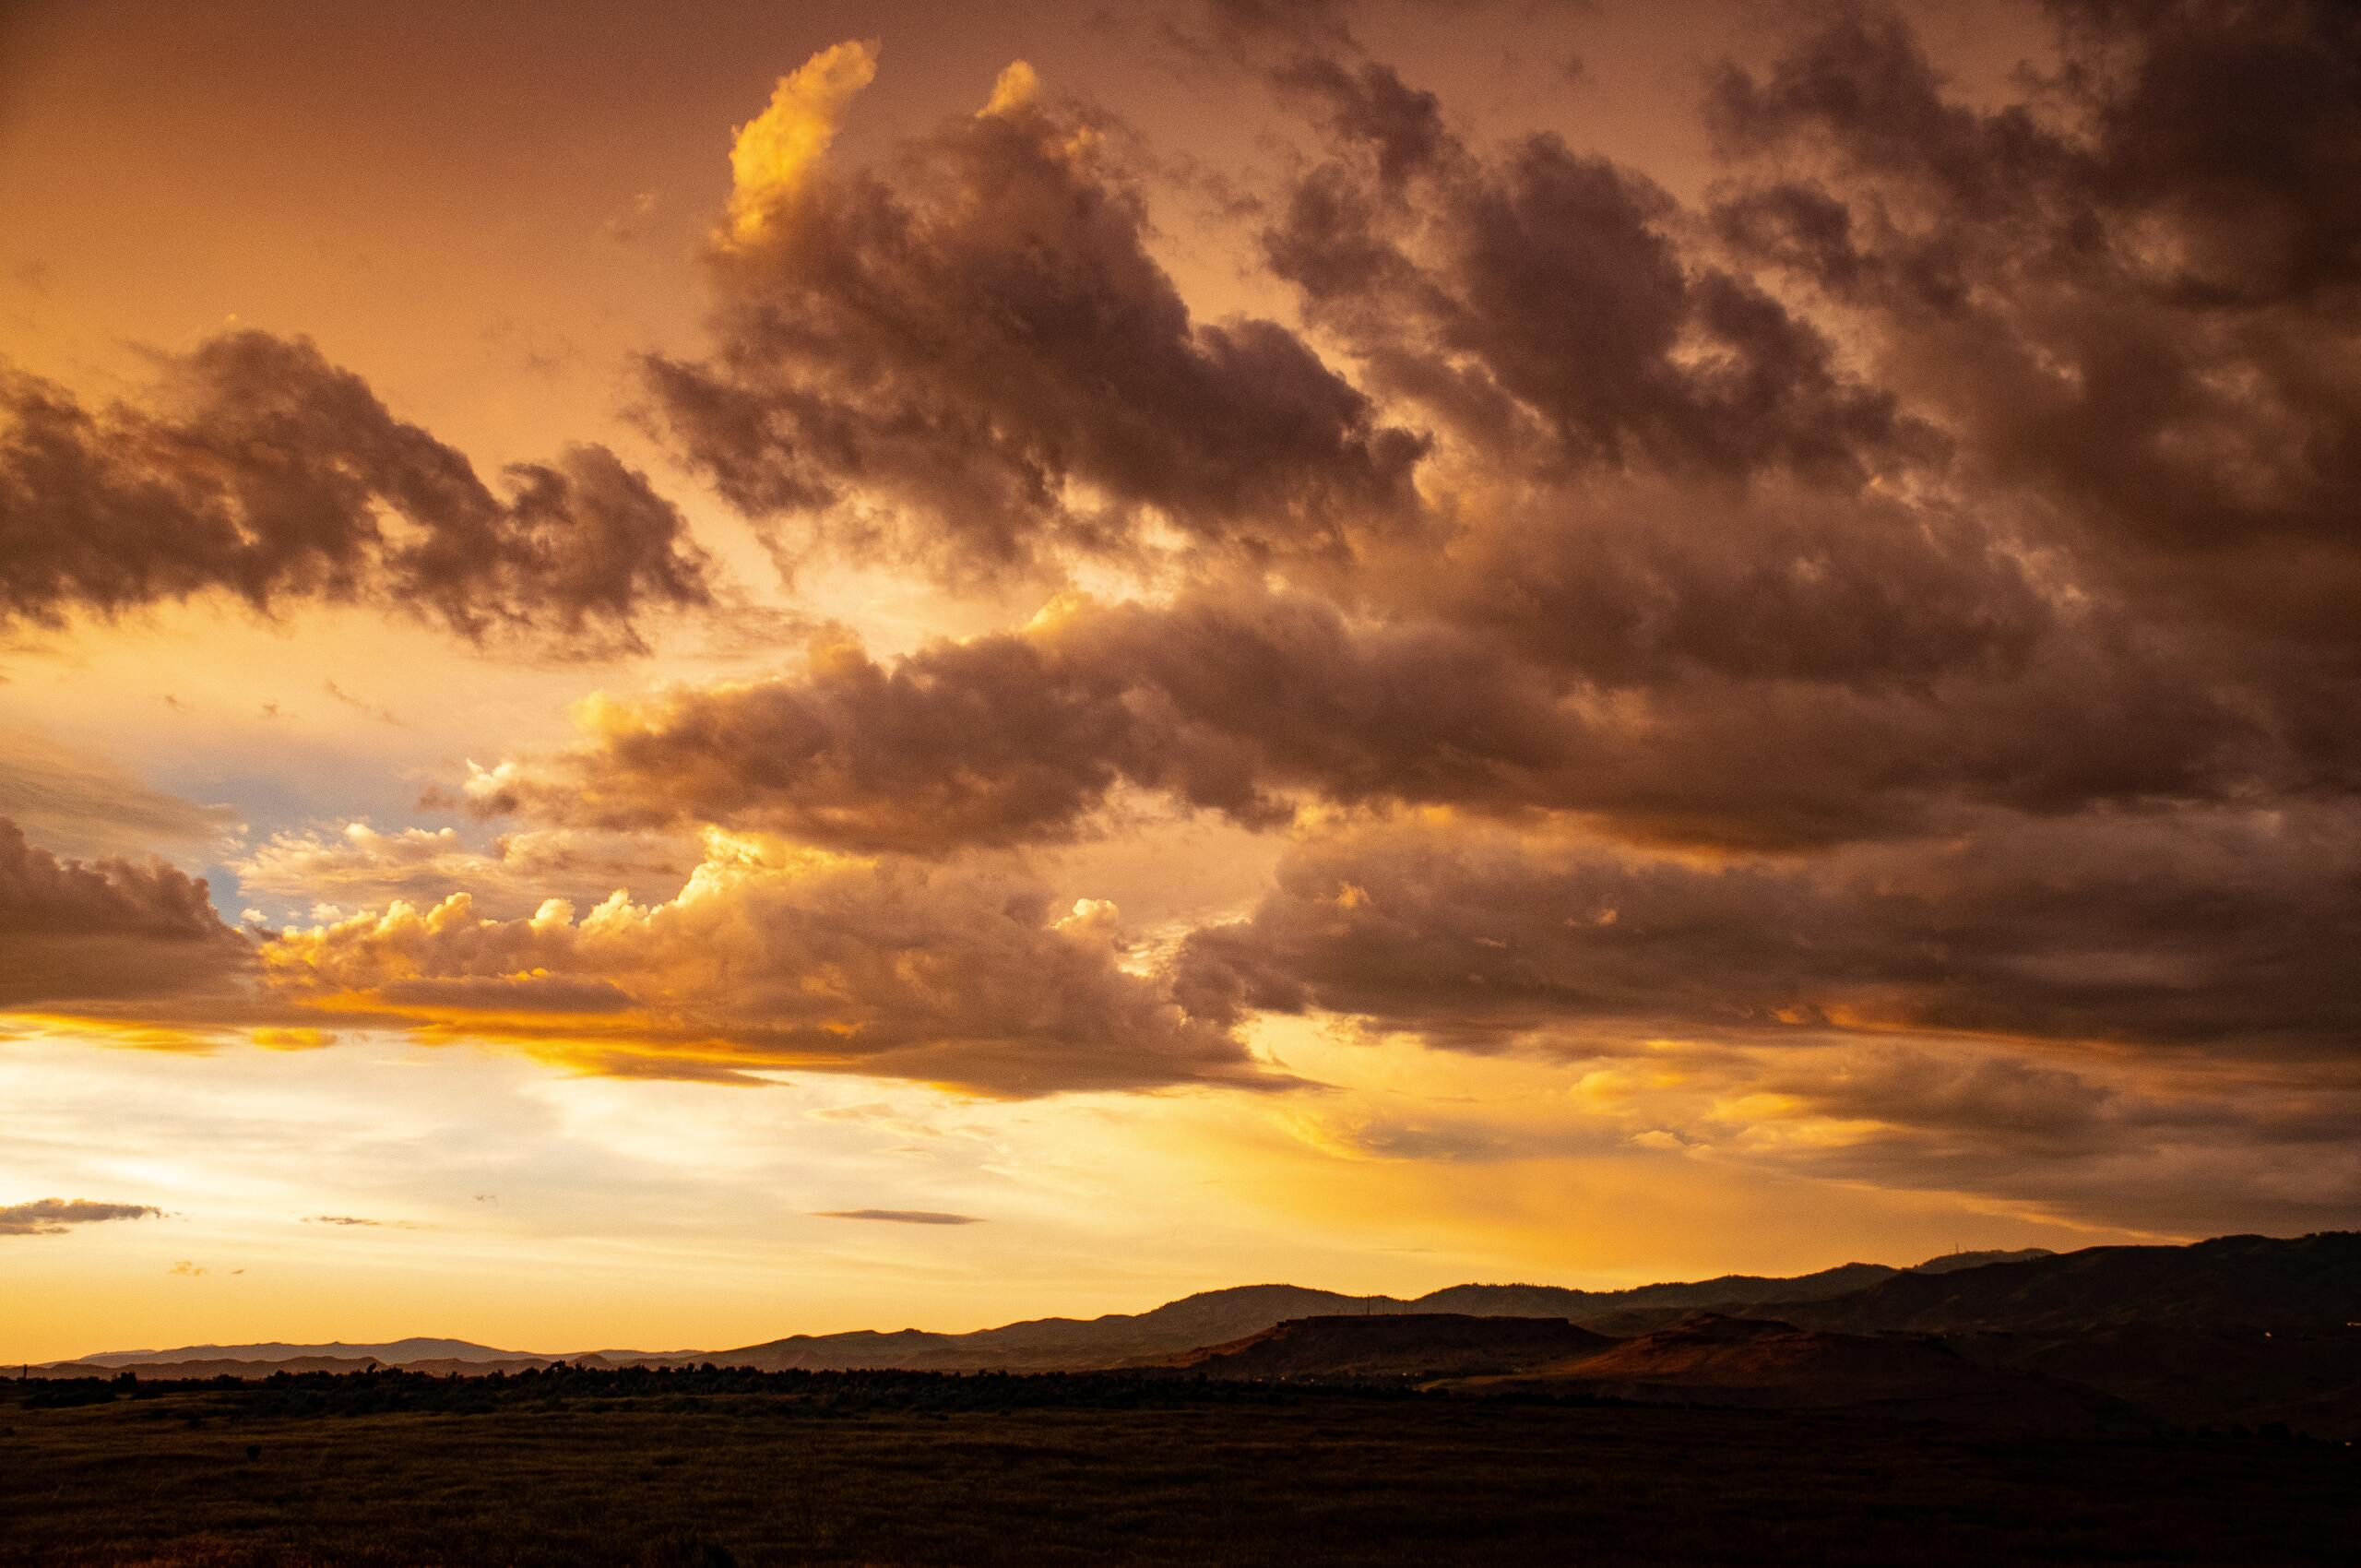 orange-sunset-clouds-in-sky-5k-ju.jpg